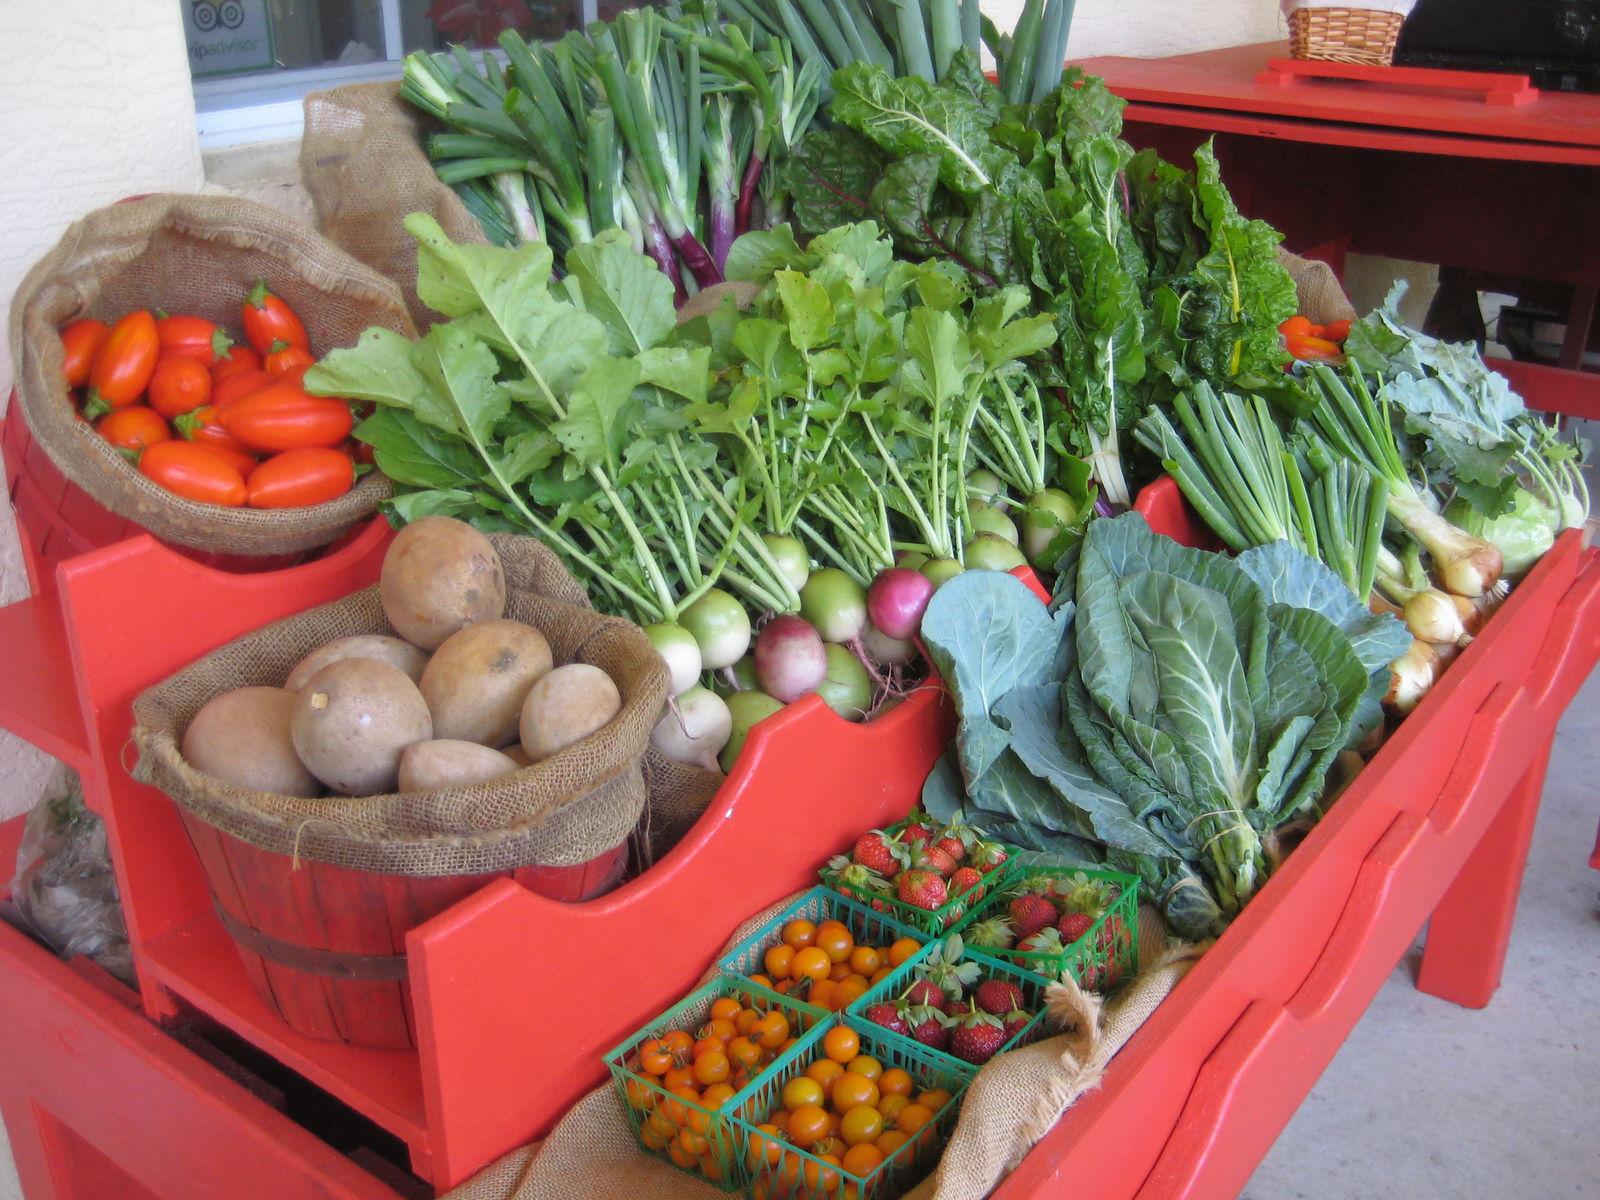 Seasonal farm produce